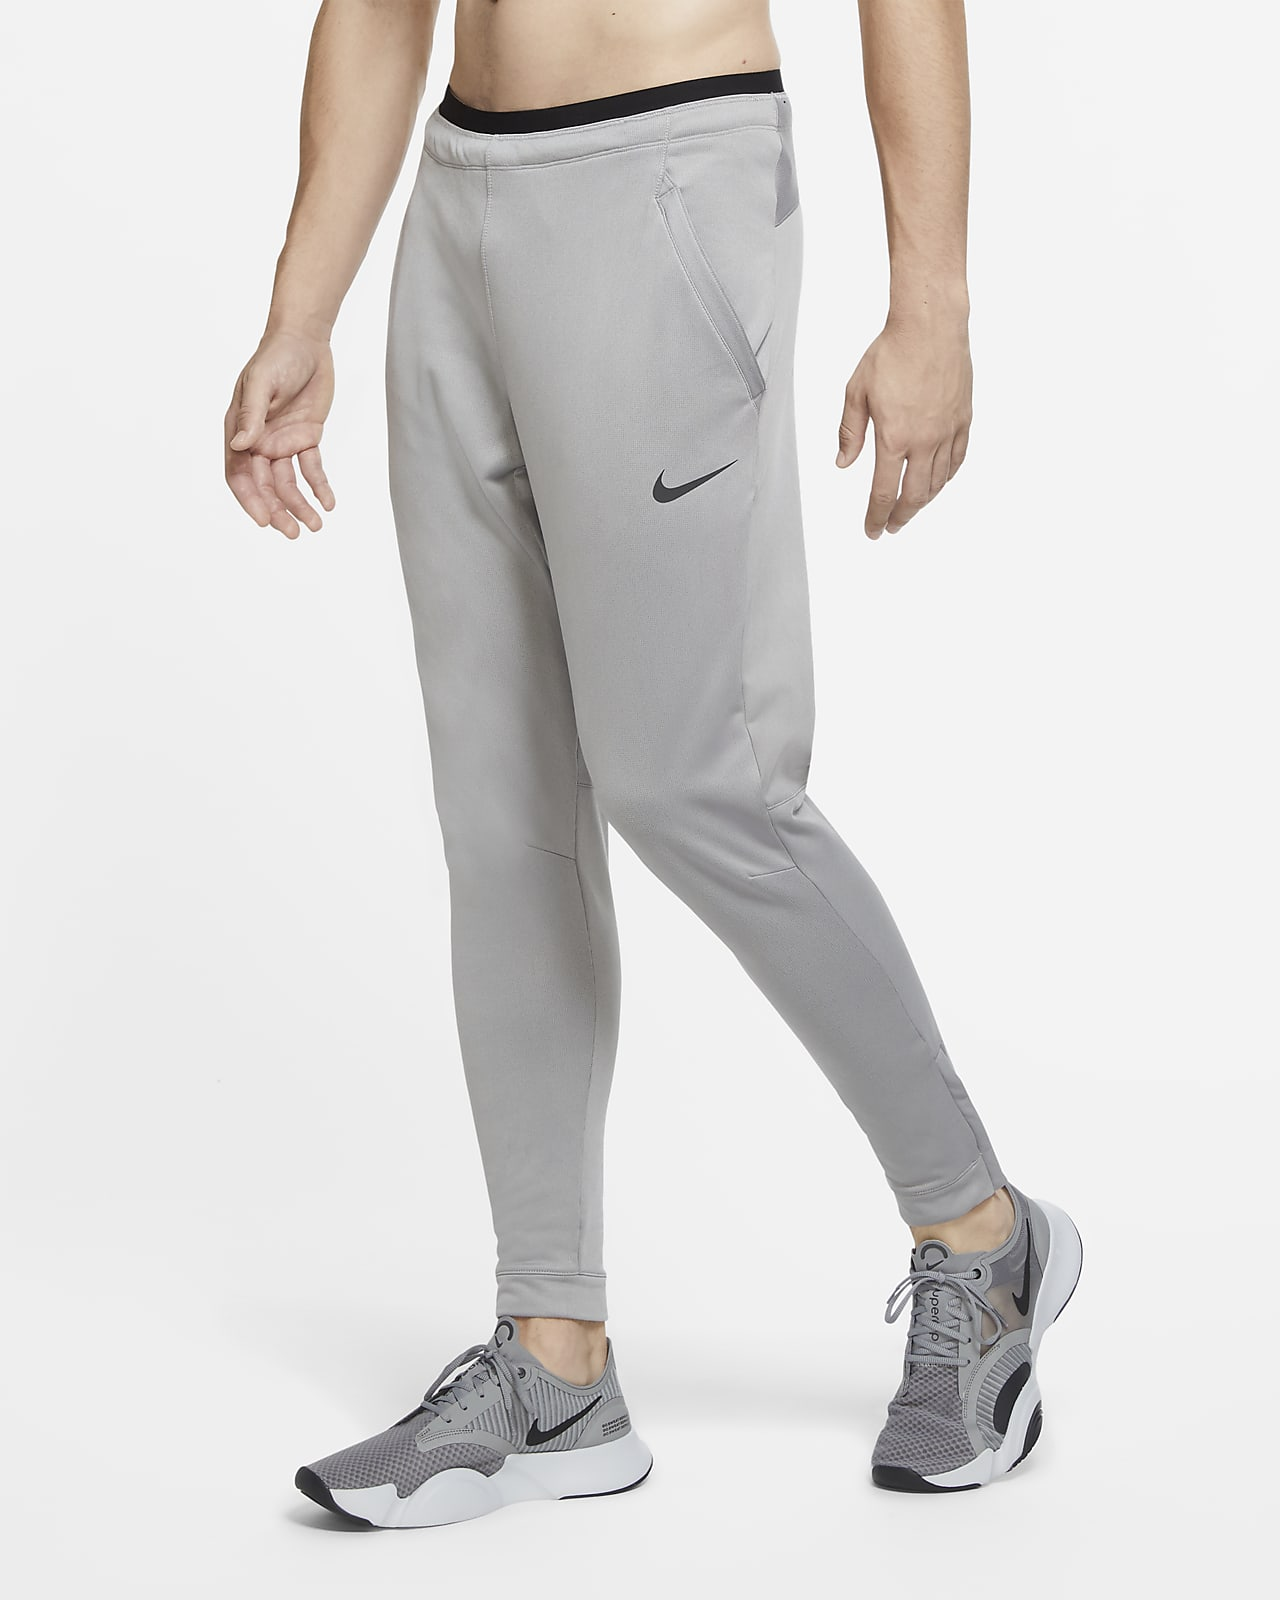 Nike Pro Pantalón de tejido Fleece - Hombre